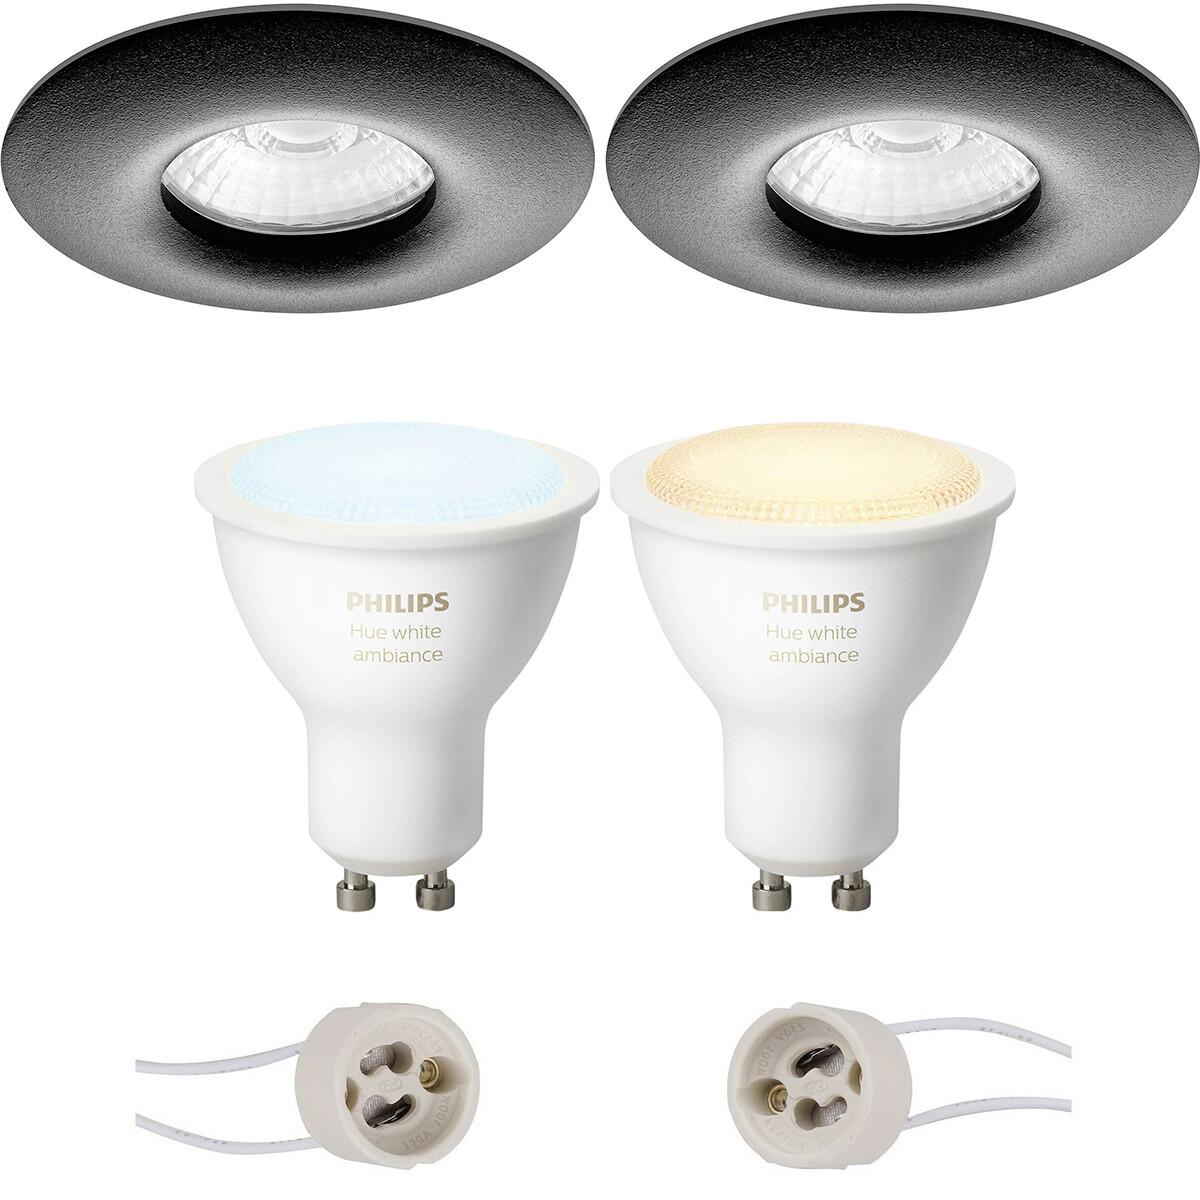 Pragmi Luno Pro - Waterdicht IP65 - Inbouw Rond - Mat Zwart - Ø82mm - Philips Hue - LED Spot Set GU1